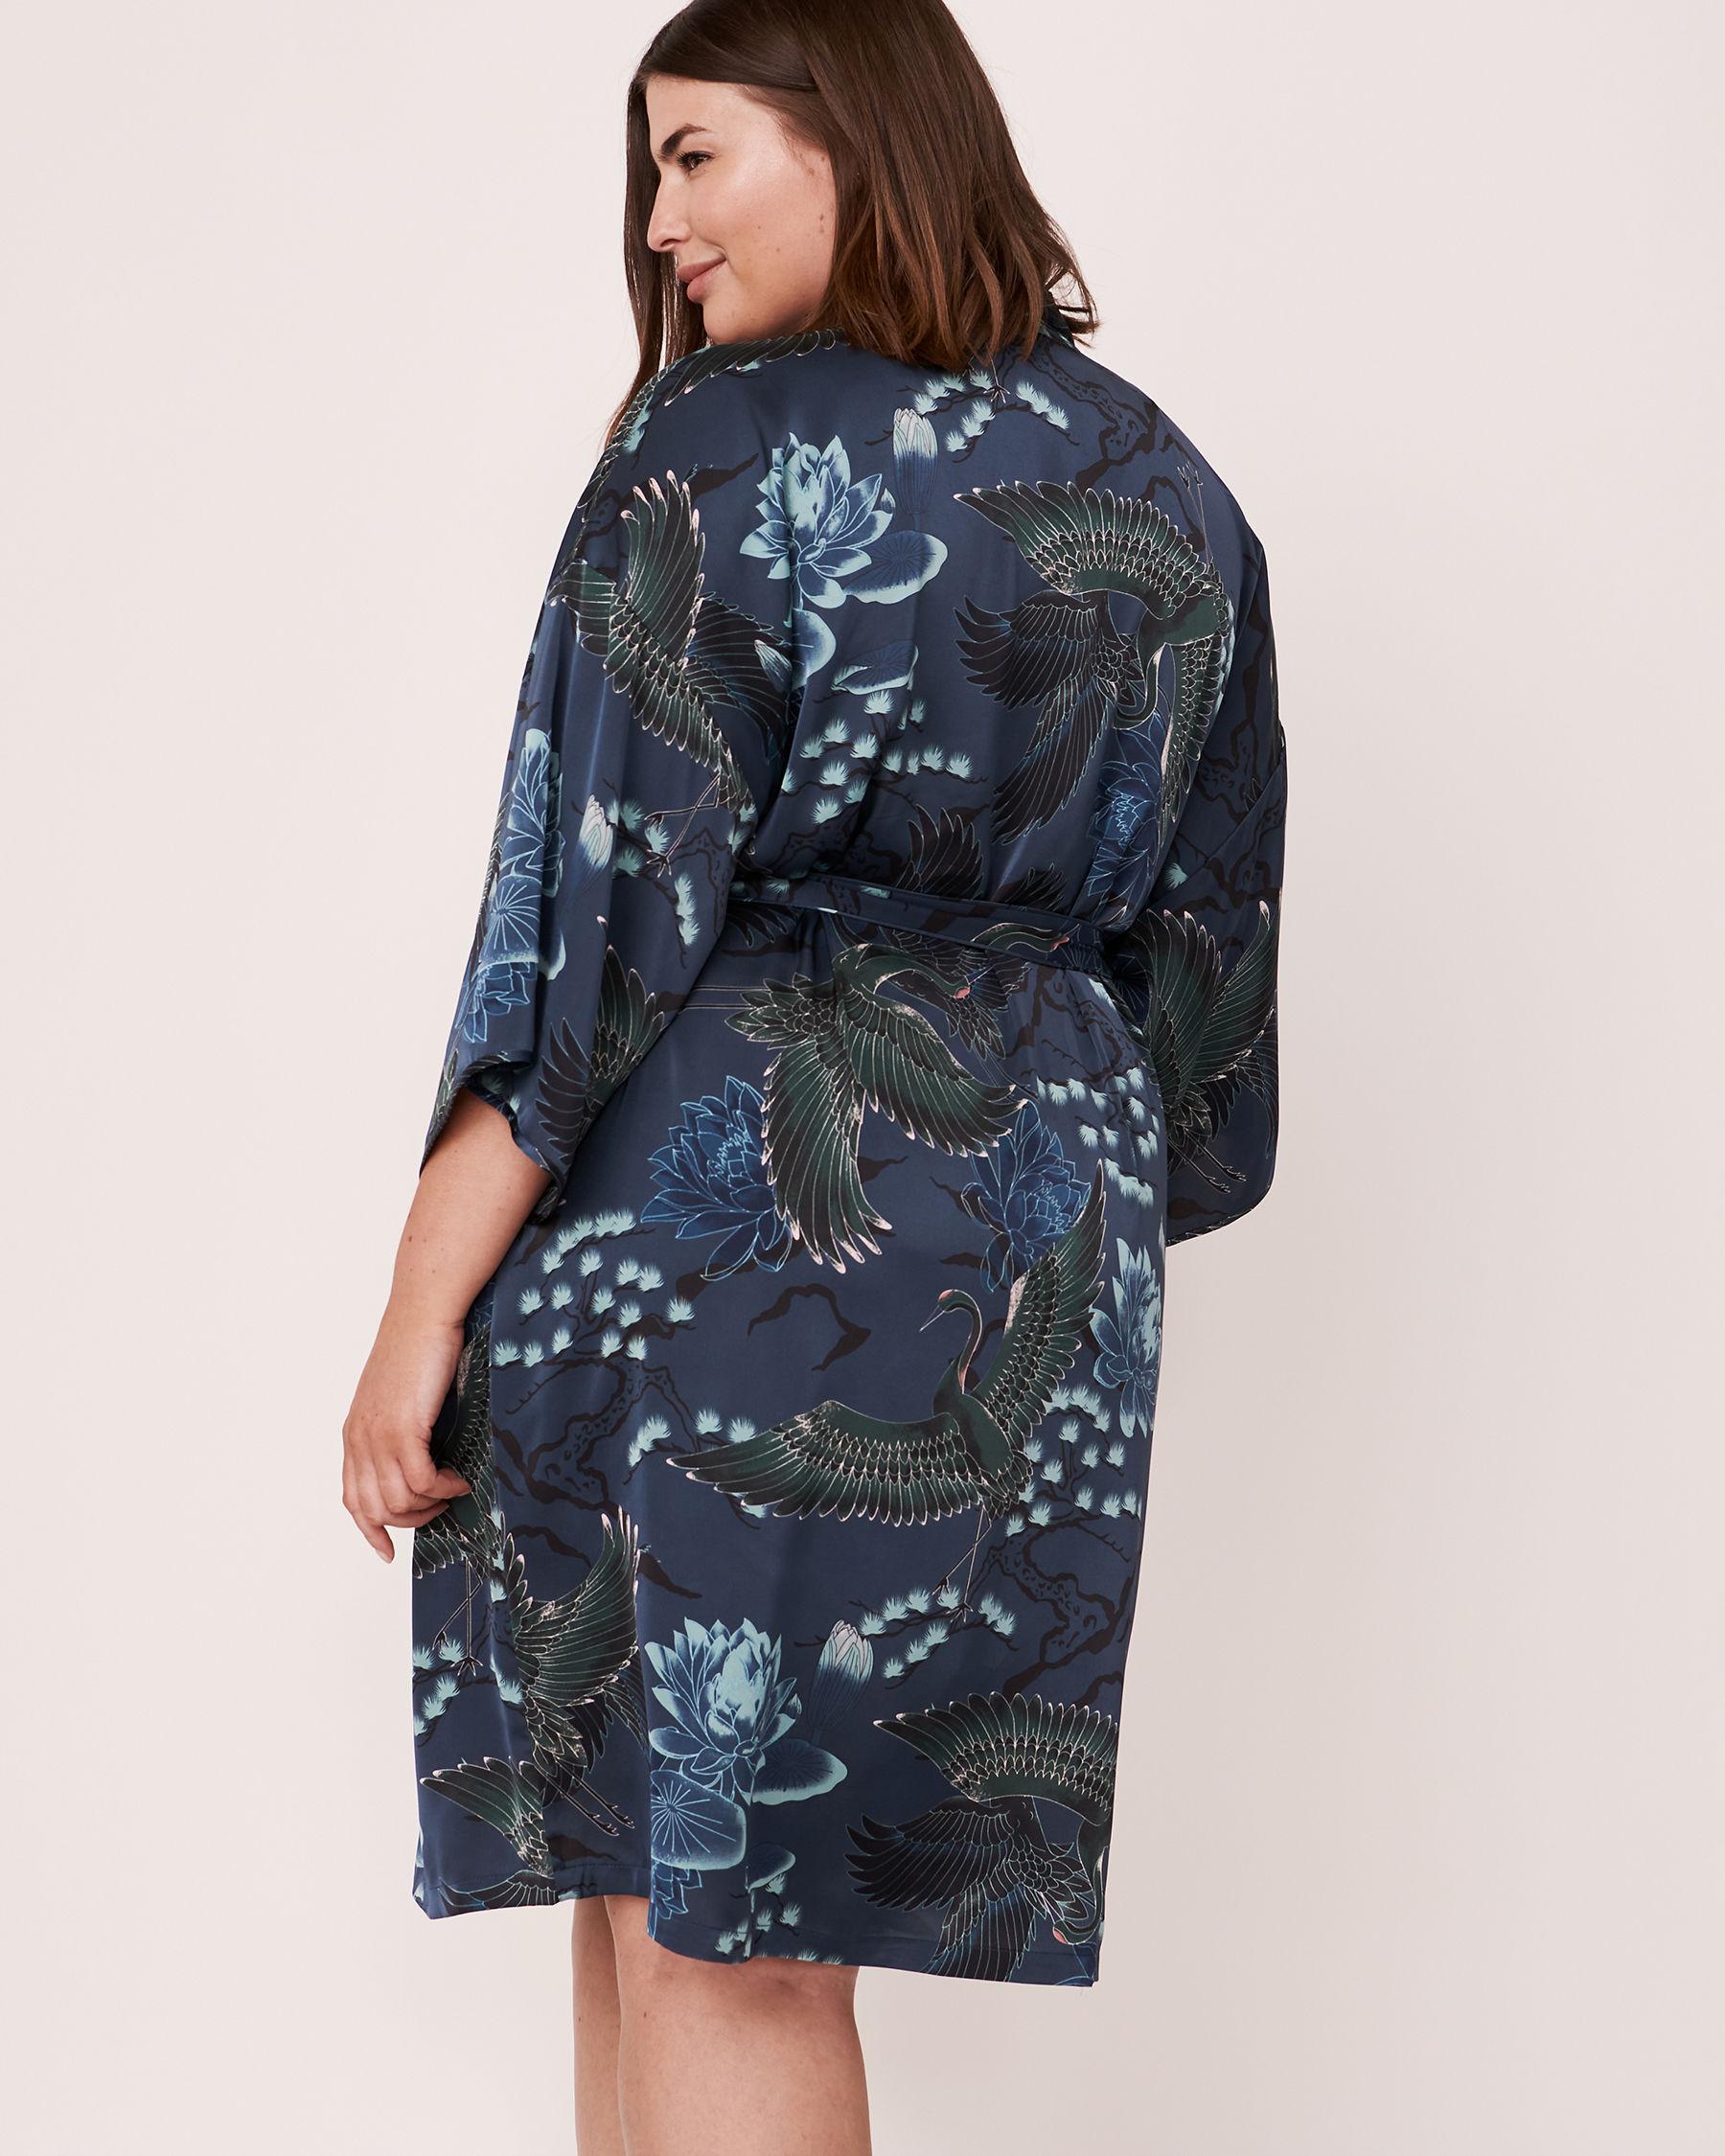 LA VIE EN ROSE Satin Kimono Bird 40600019 - View6